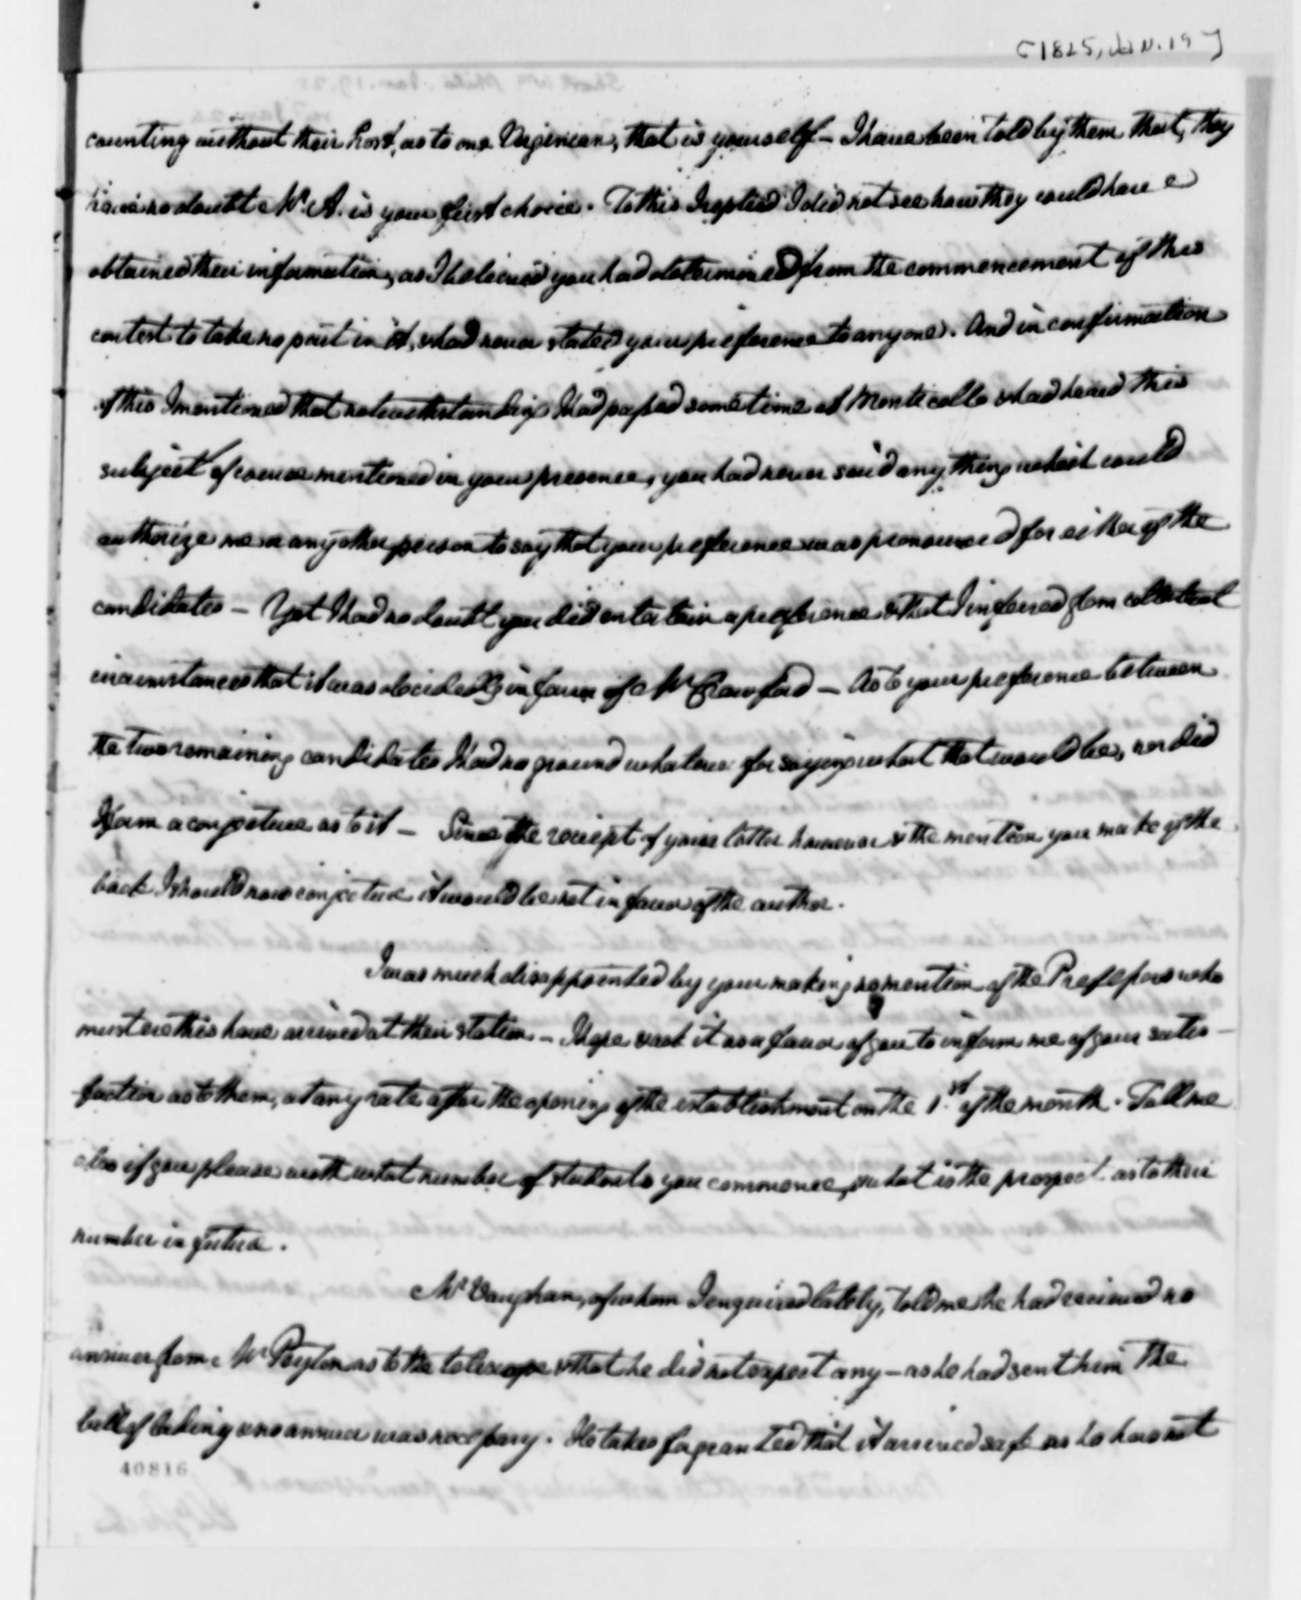 William Short to Thomas Jefferson, January 19, 1825